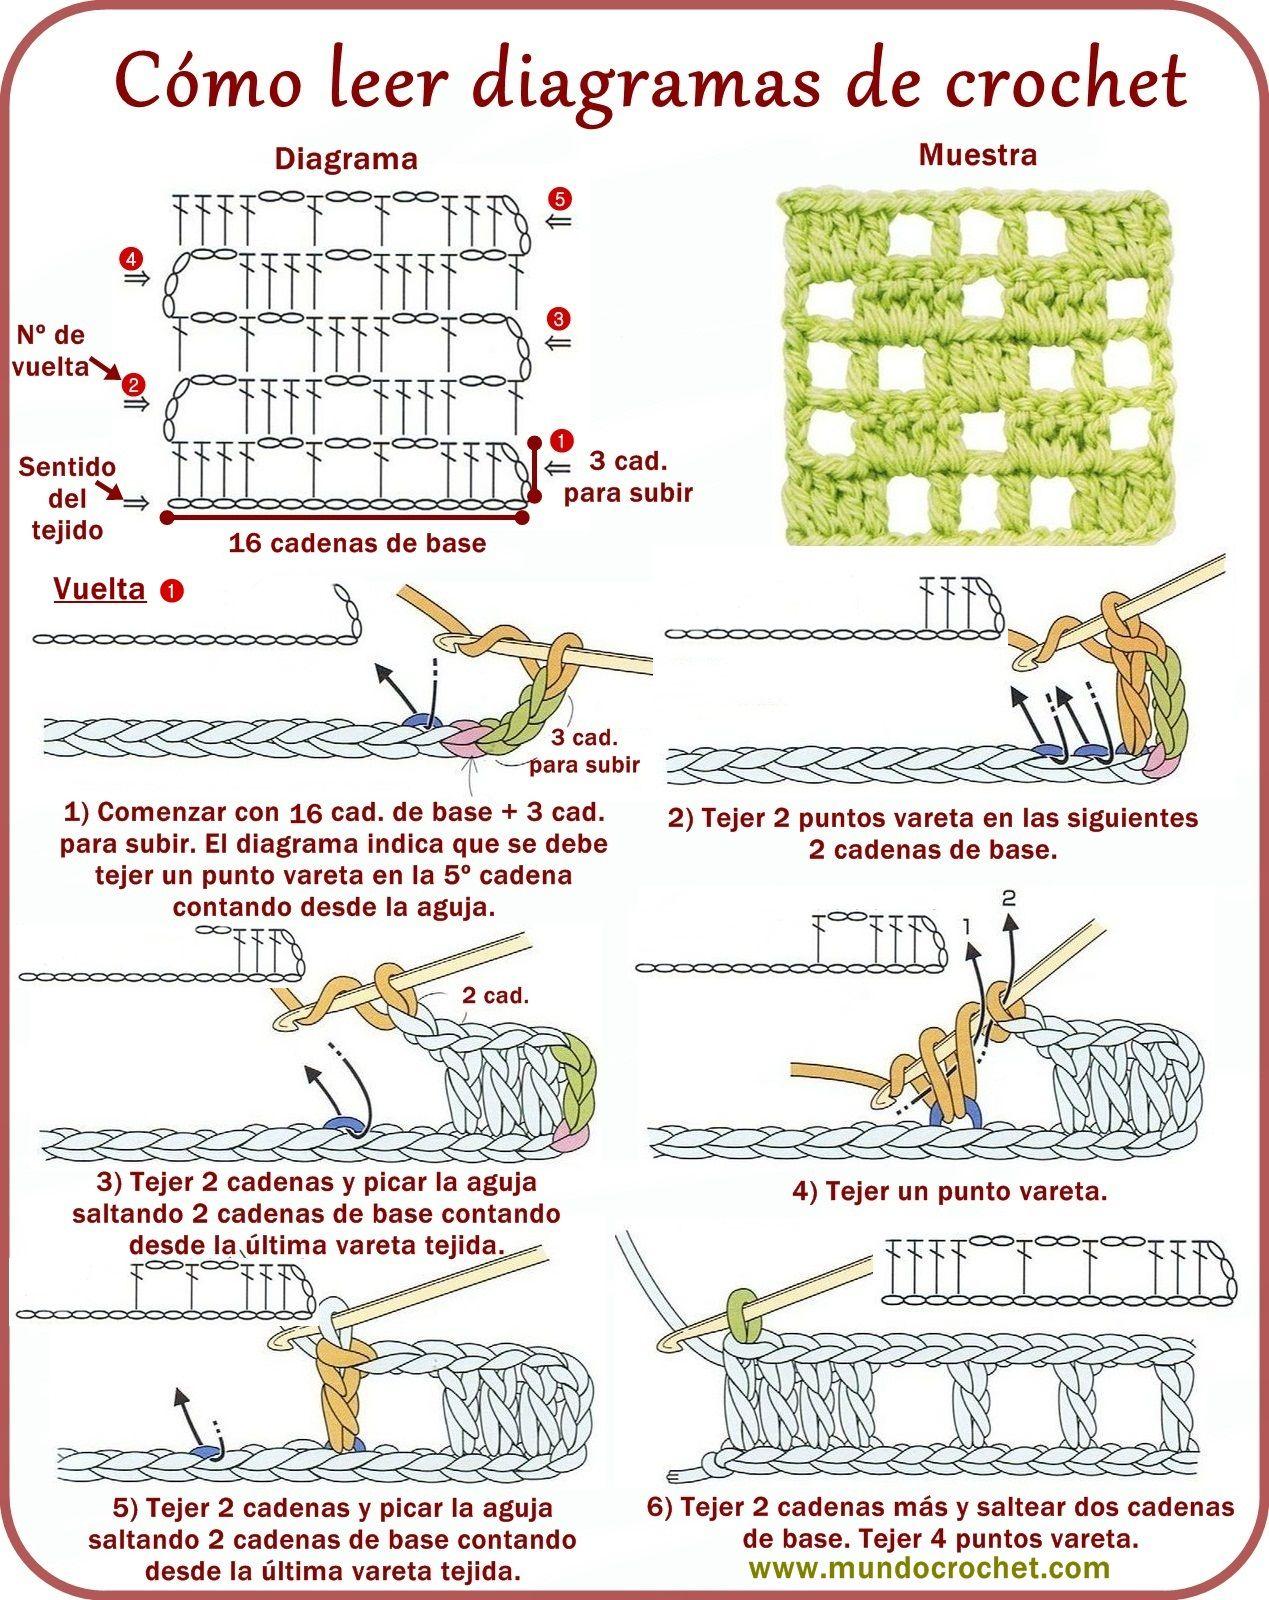 29-Cómo leer diagramas de crochet1 | Crochet tutorial y patrones ...